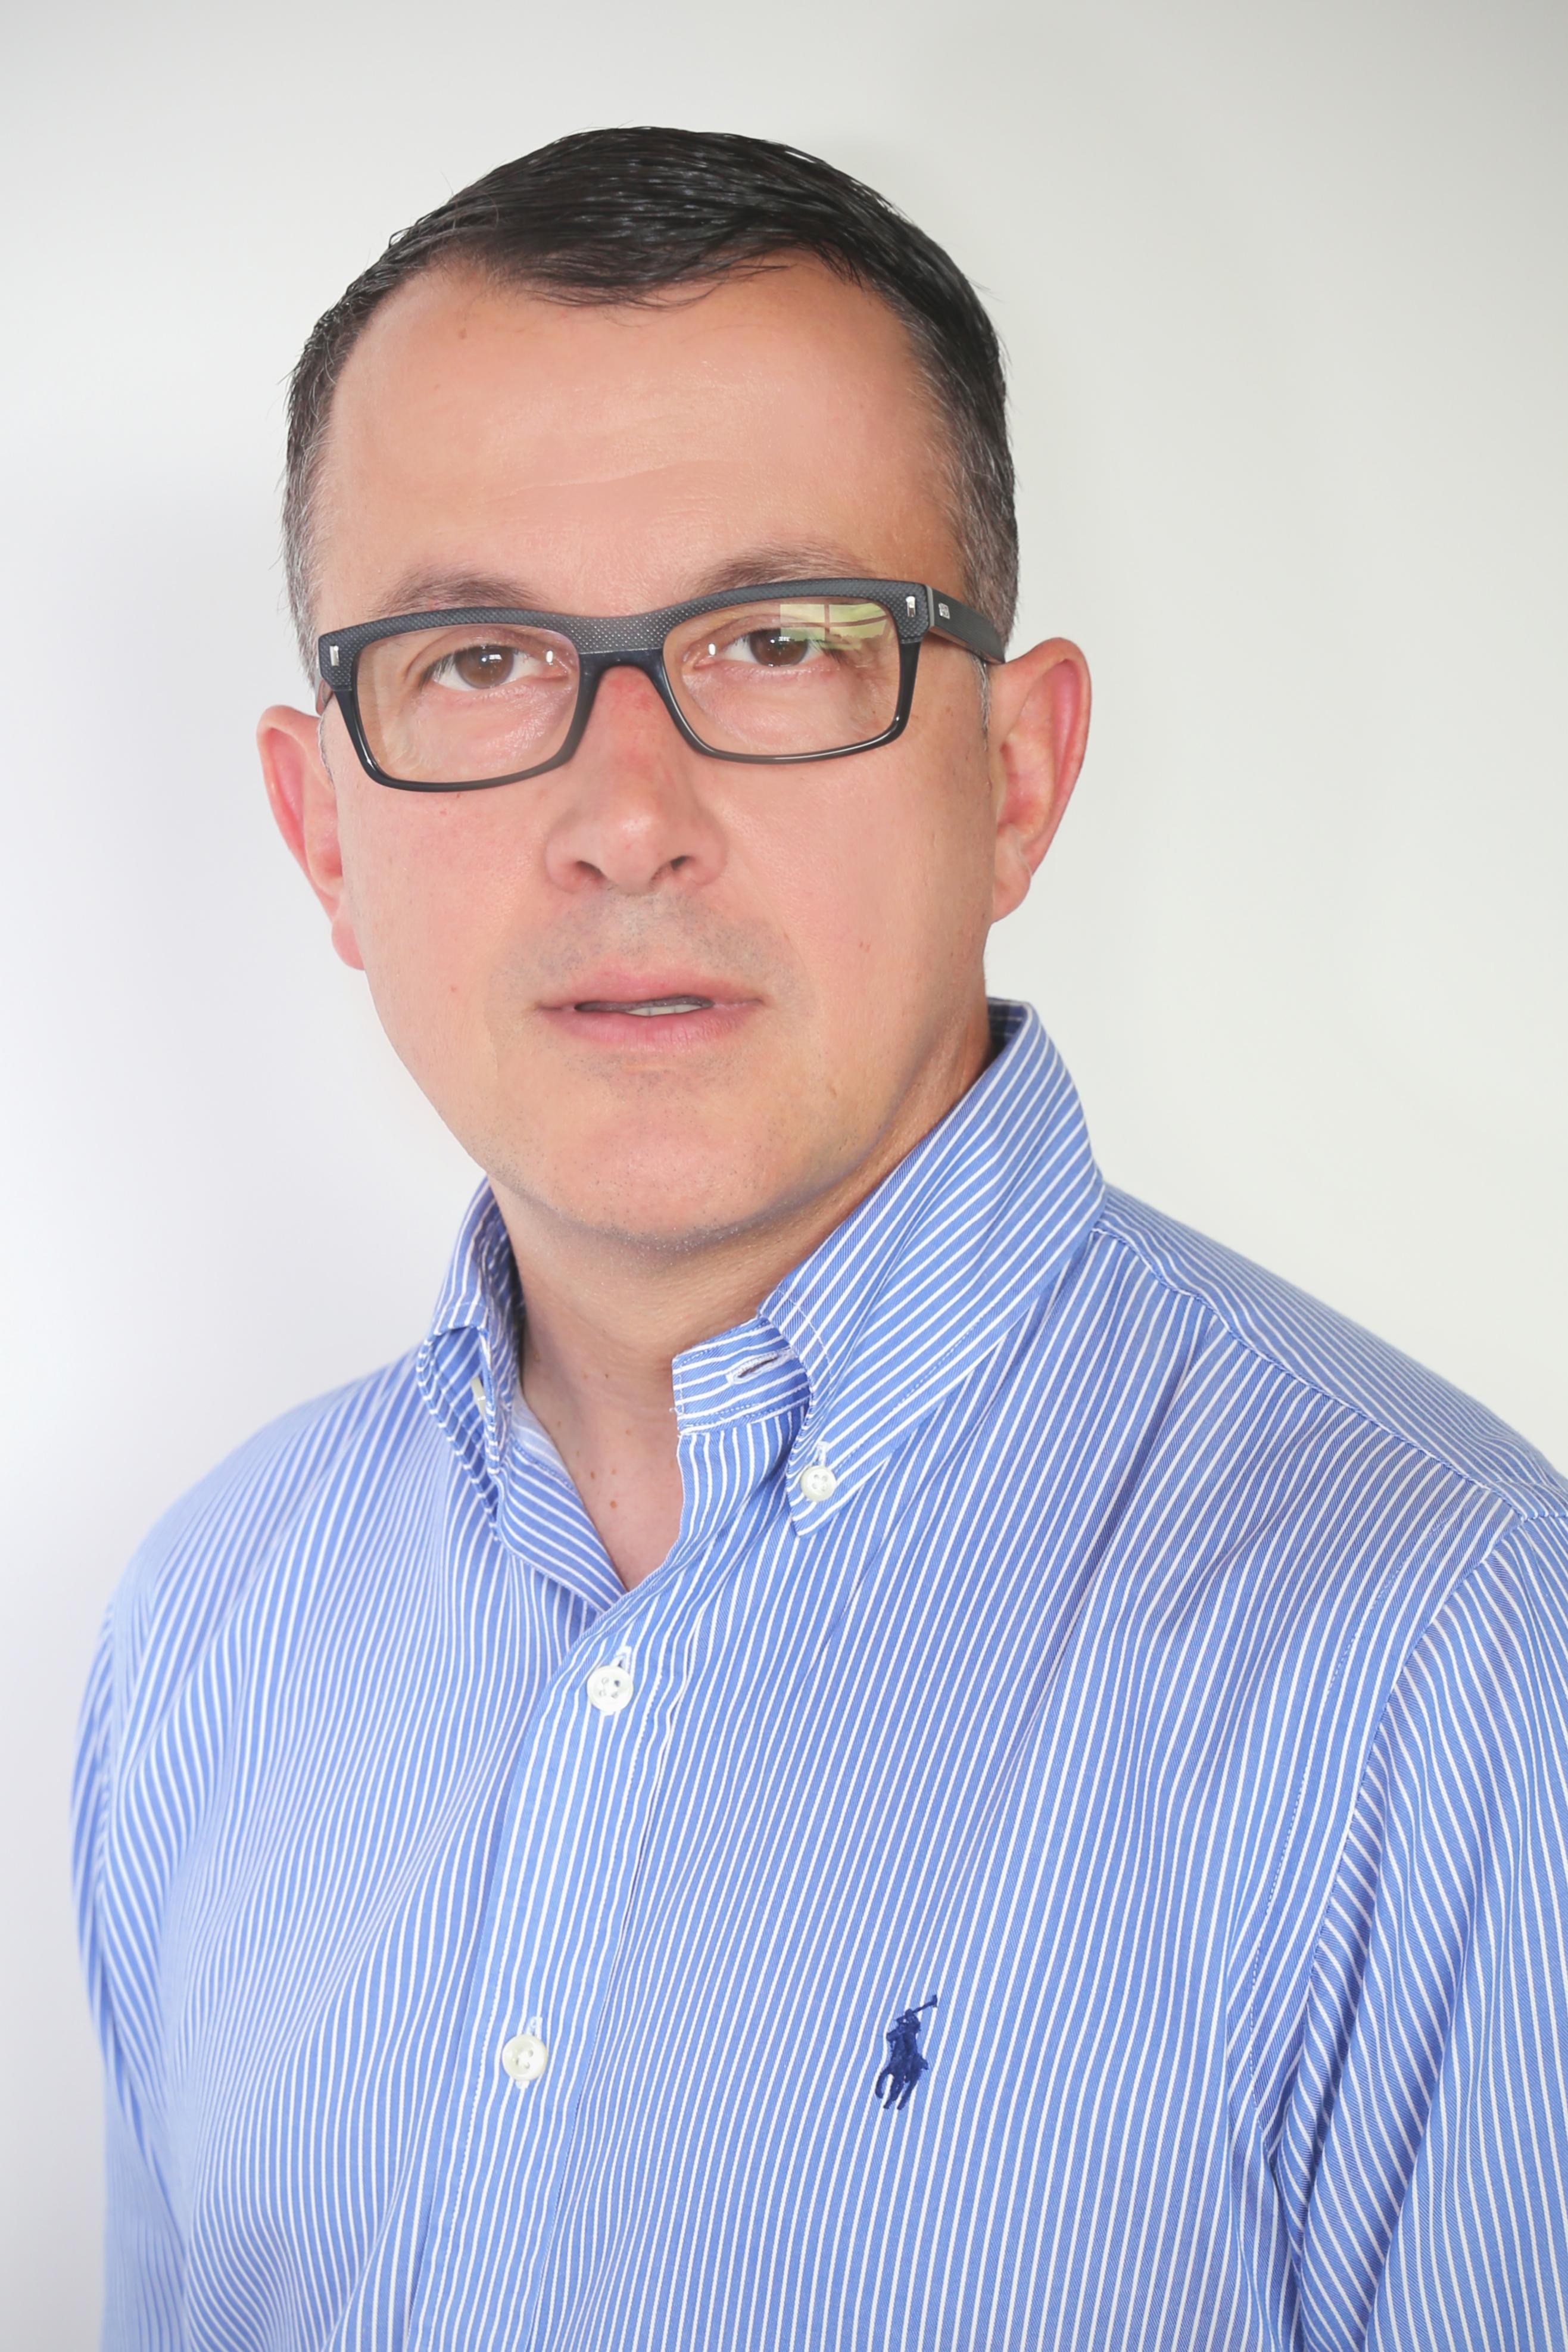 Pierre-Laurent_Berne_Enseignant-chercheur_montpellier-management